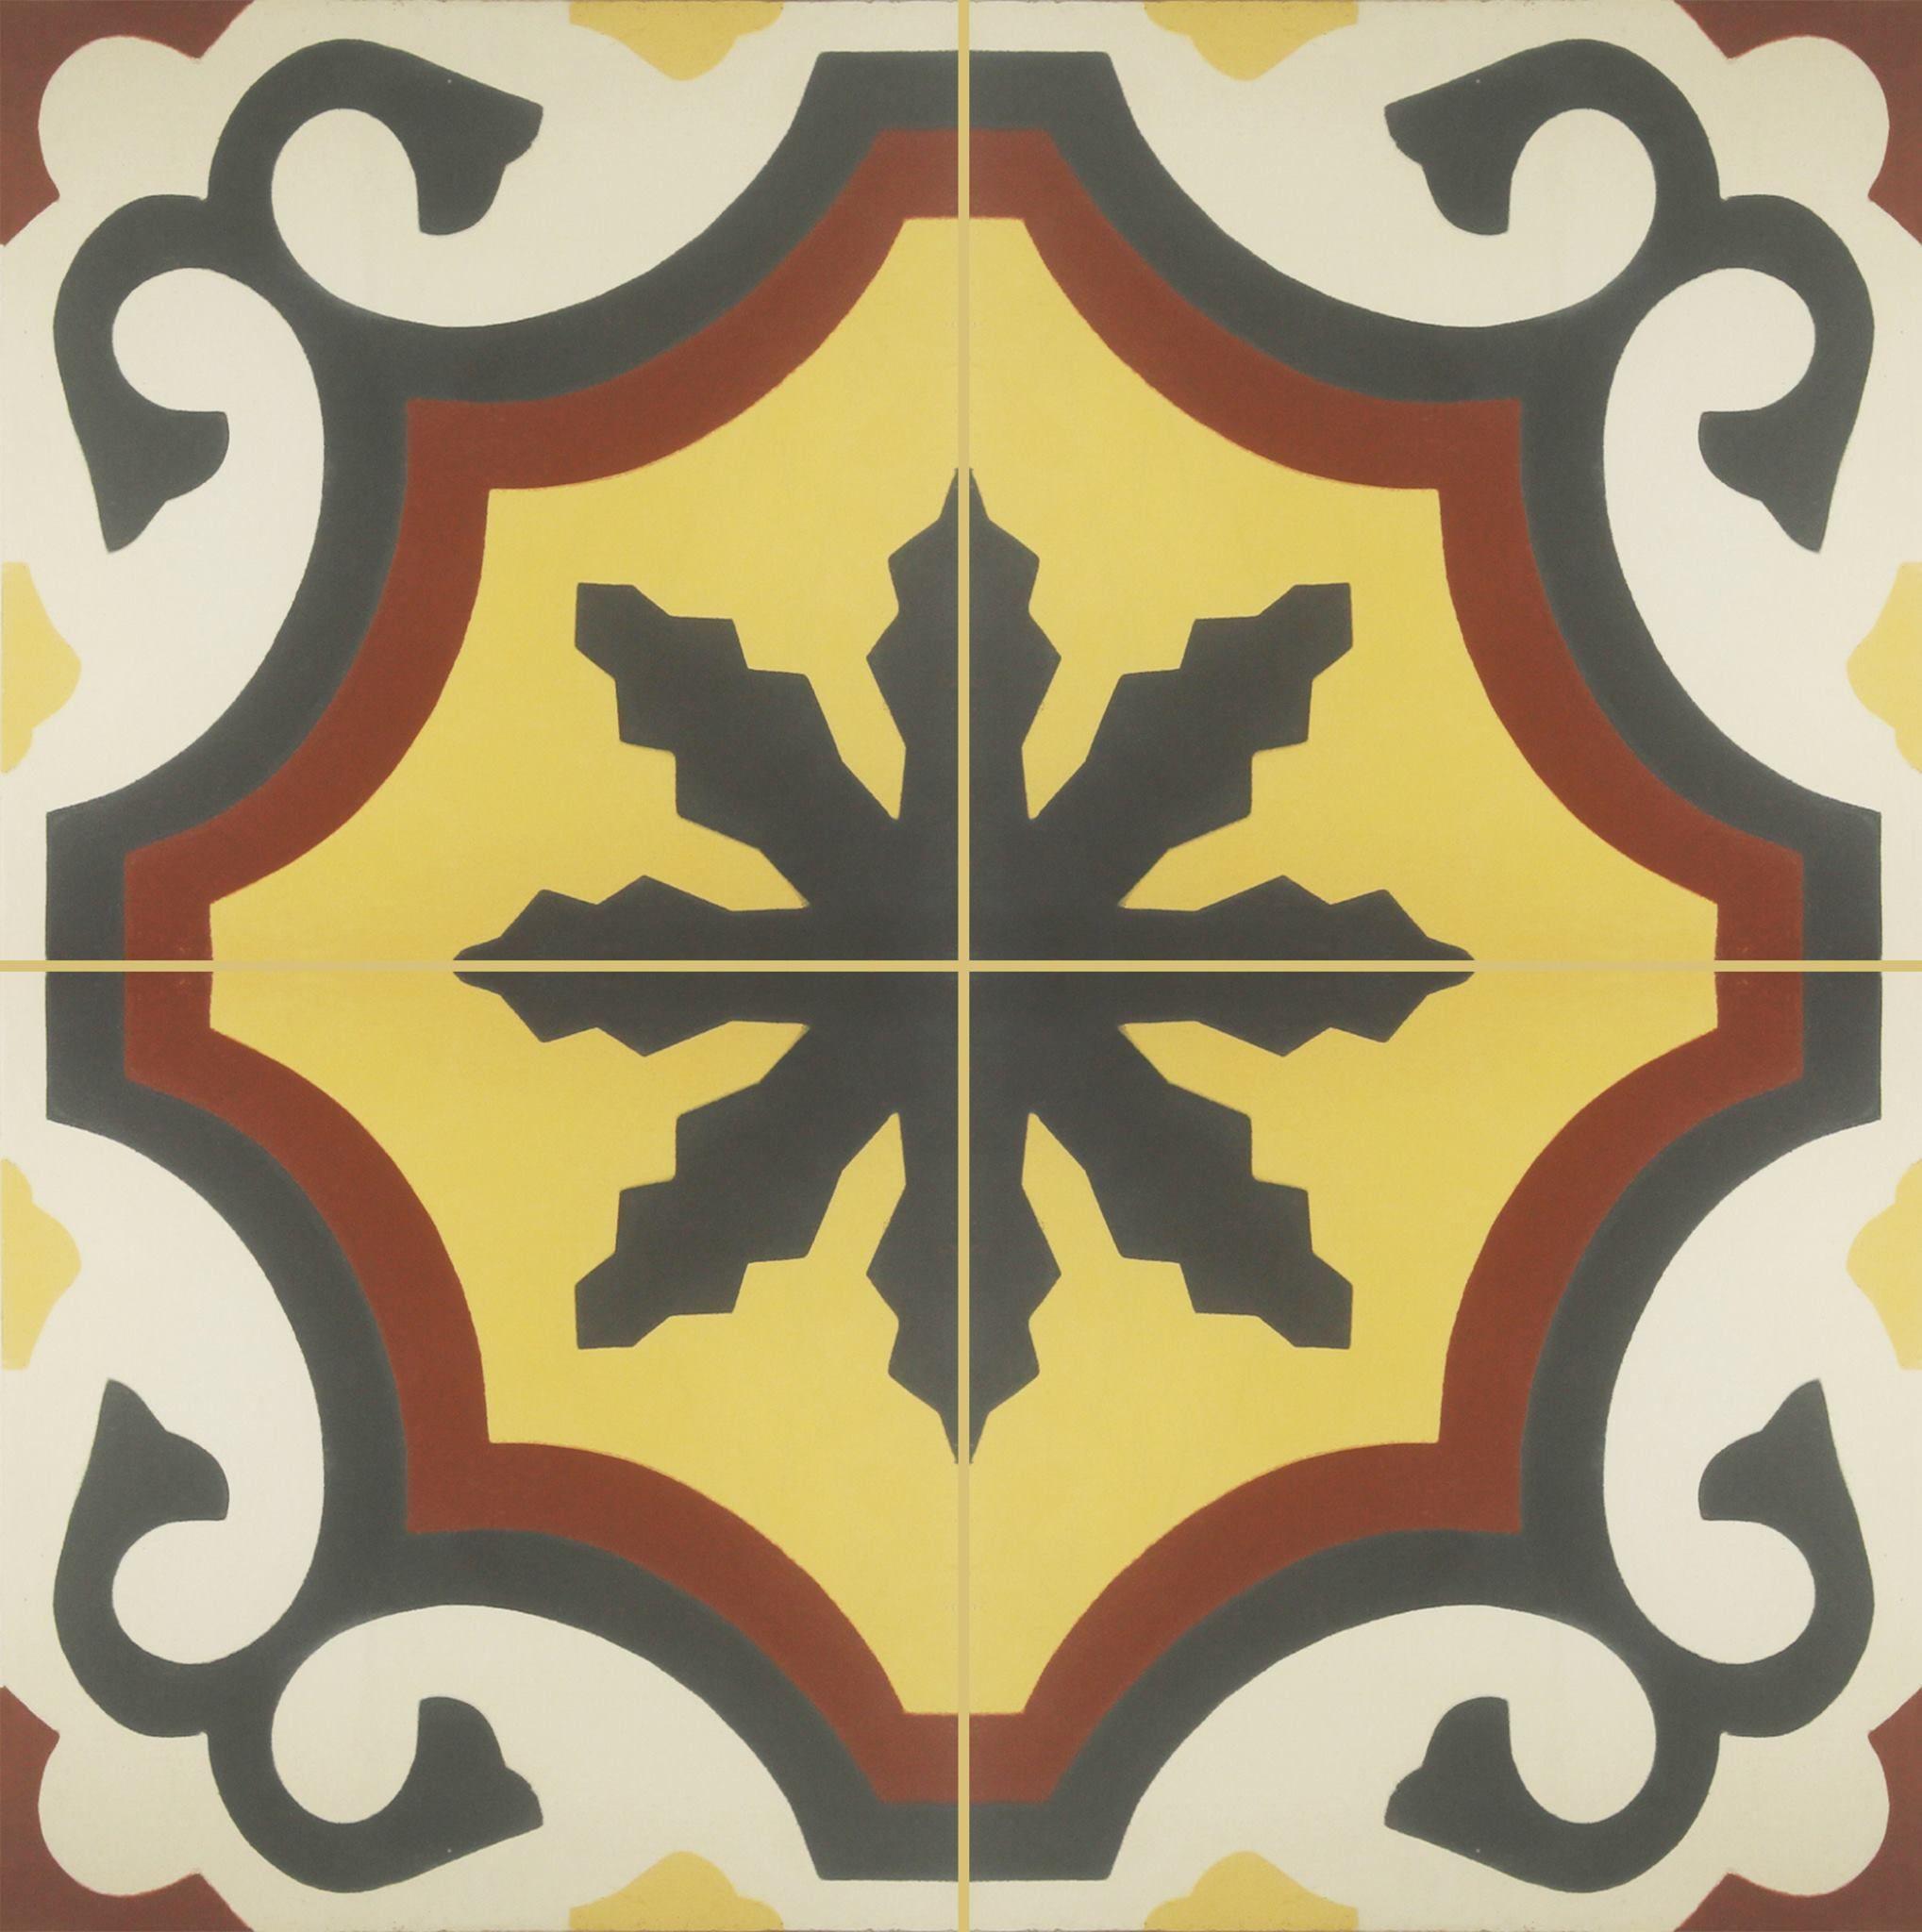 El arte de unir peque os fragmentos geom tricos en un - Colores de baldosas ...